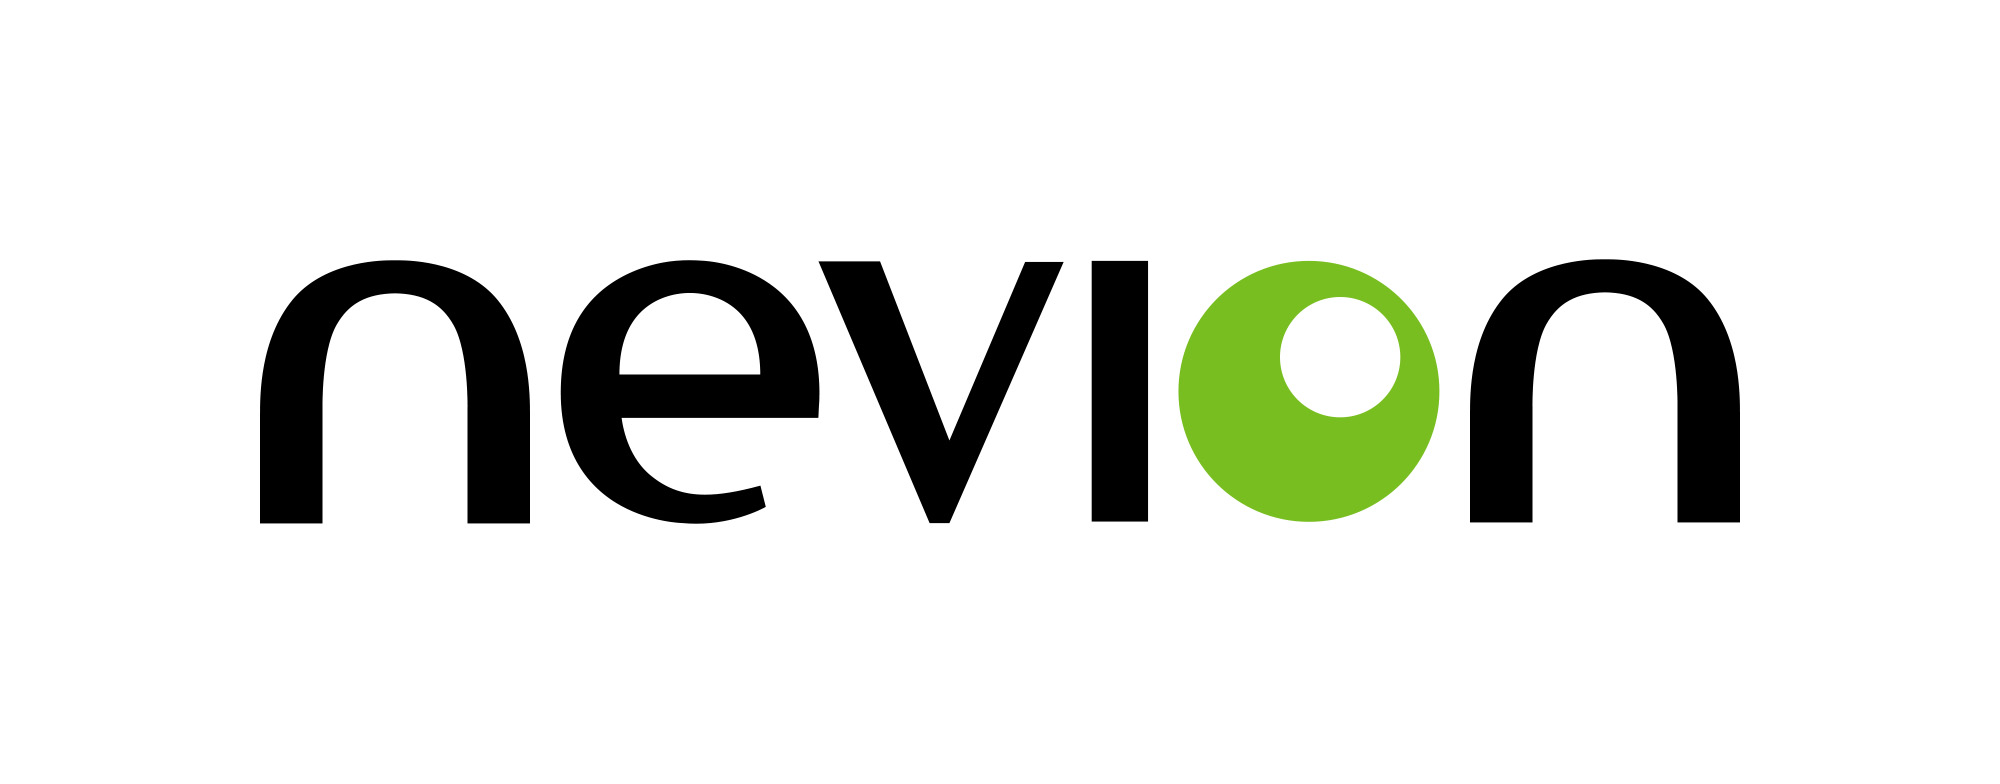 sondaggio Nevion su tecnologia 5G - Tv. Nevion: l'82% dei broadcaster è convinto che il 5G sostituira' il digitale terrestre entro pochi anni. E non si dicono preoccupati di ciò